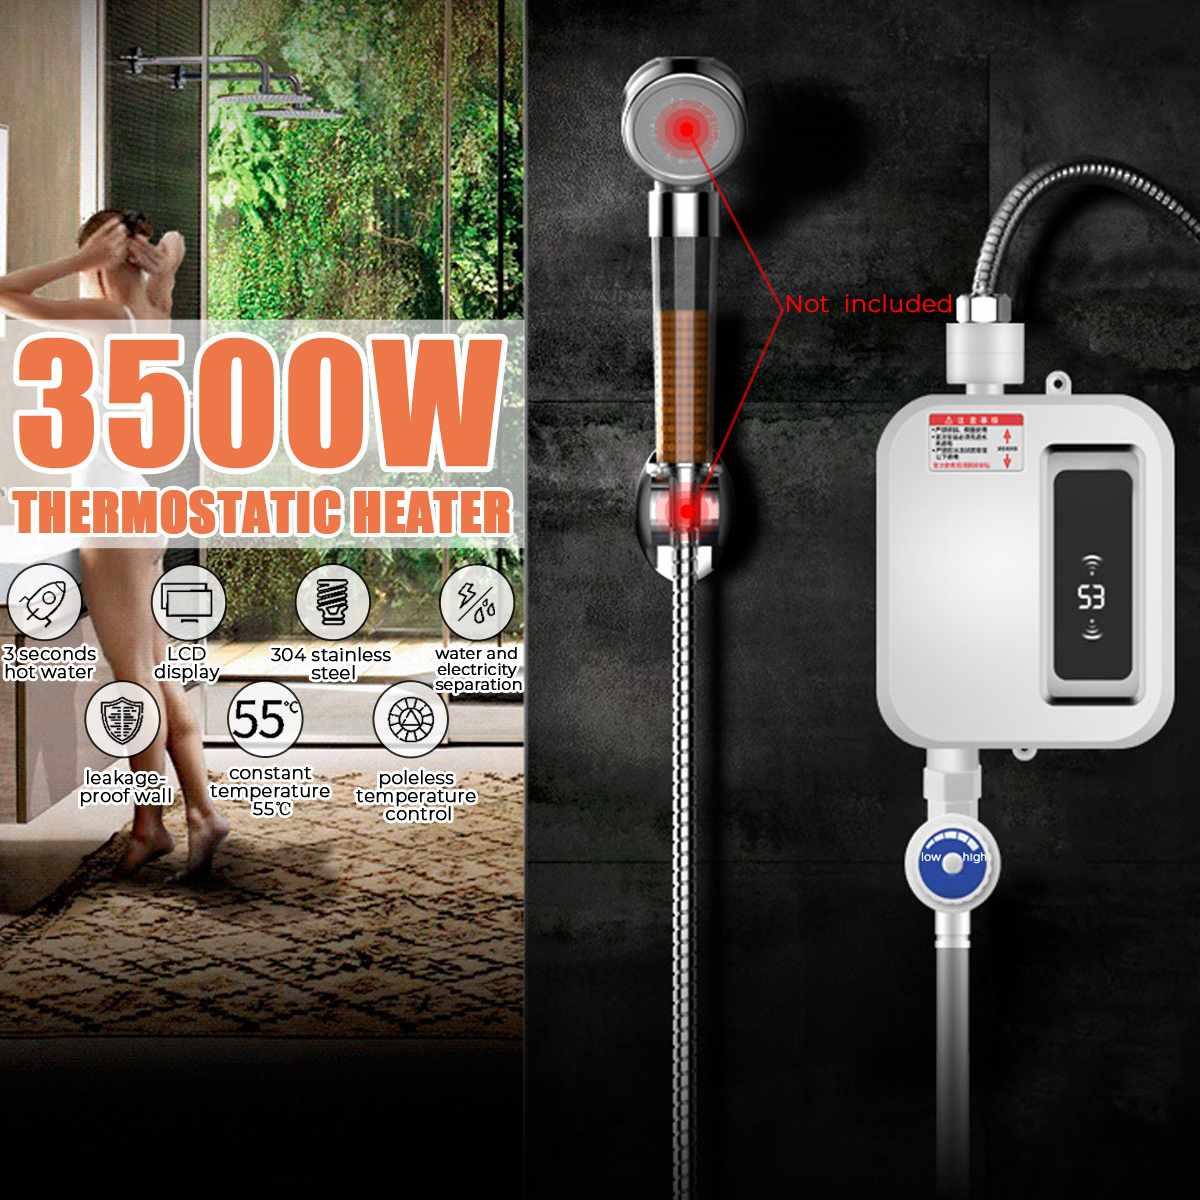 3000W chauffe-eau sans réservoir salle de bains cuisine chauffe-eau électrique instantané robinet température LCD affichage robinet de douche